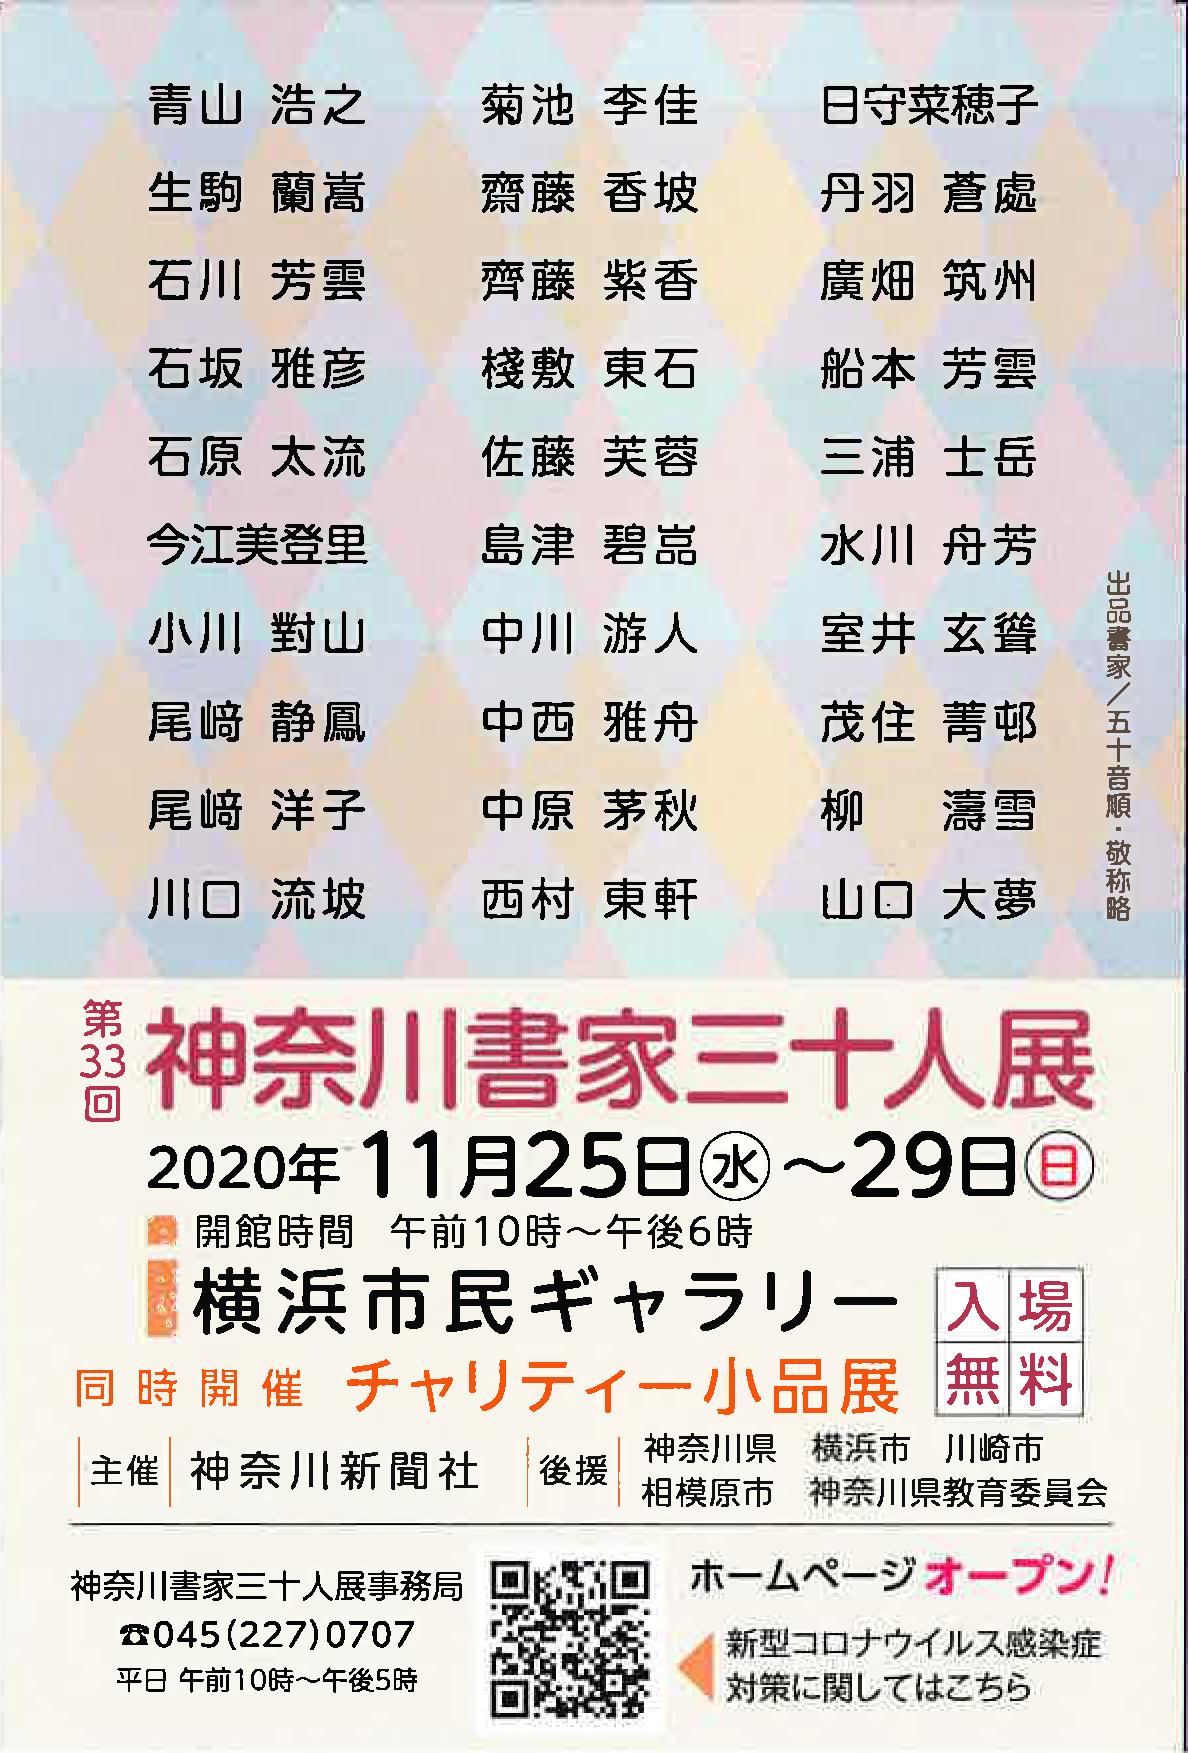 【展覧会情報】第33回 神奈川書家三十人展